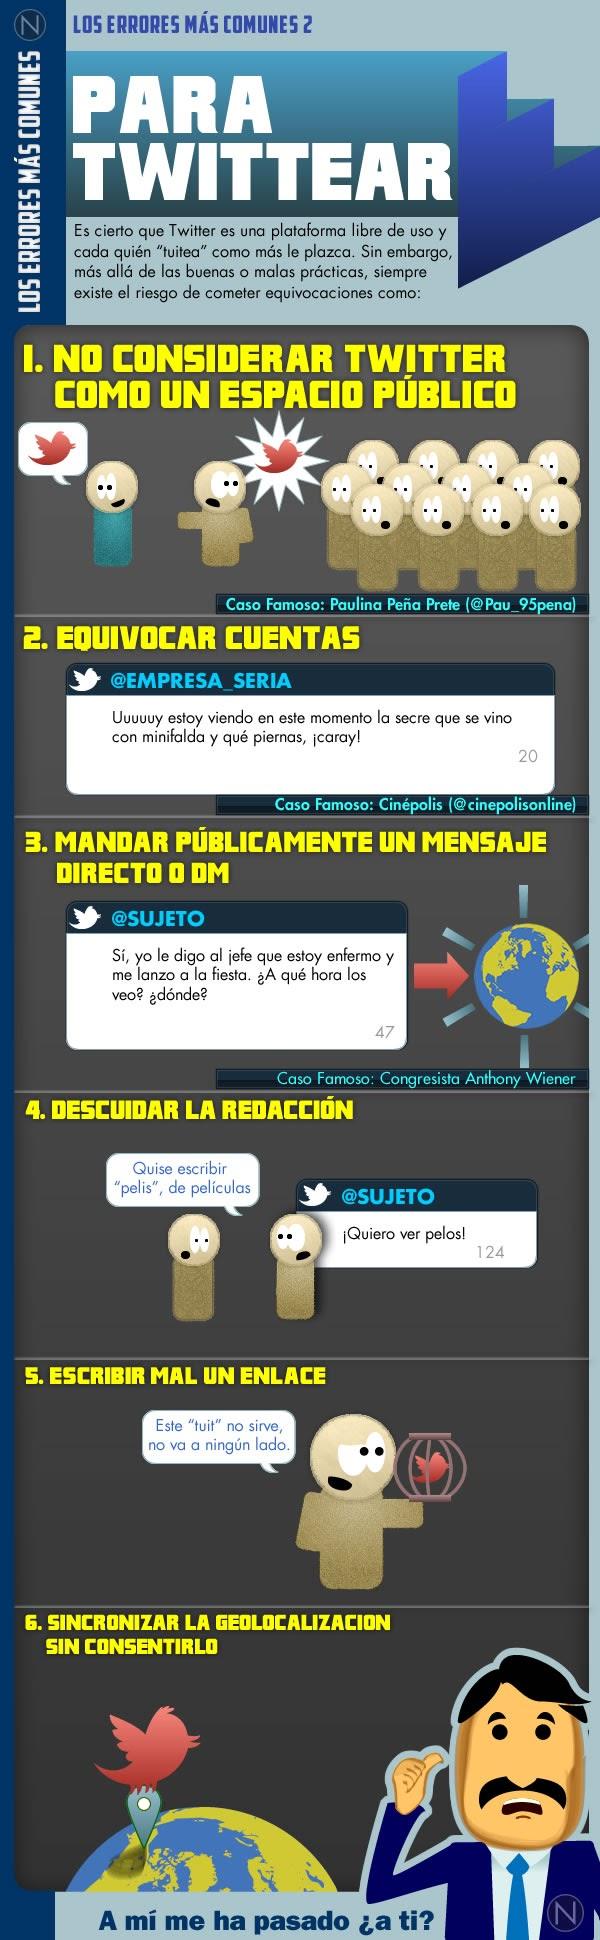 Los errores que no hay que cometer en Twitter - Infografía